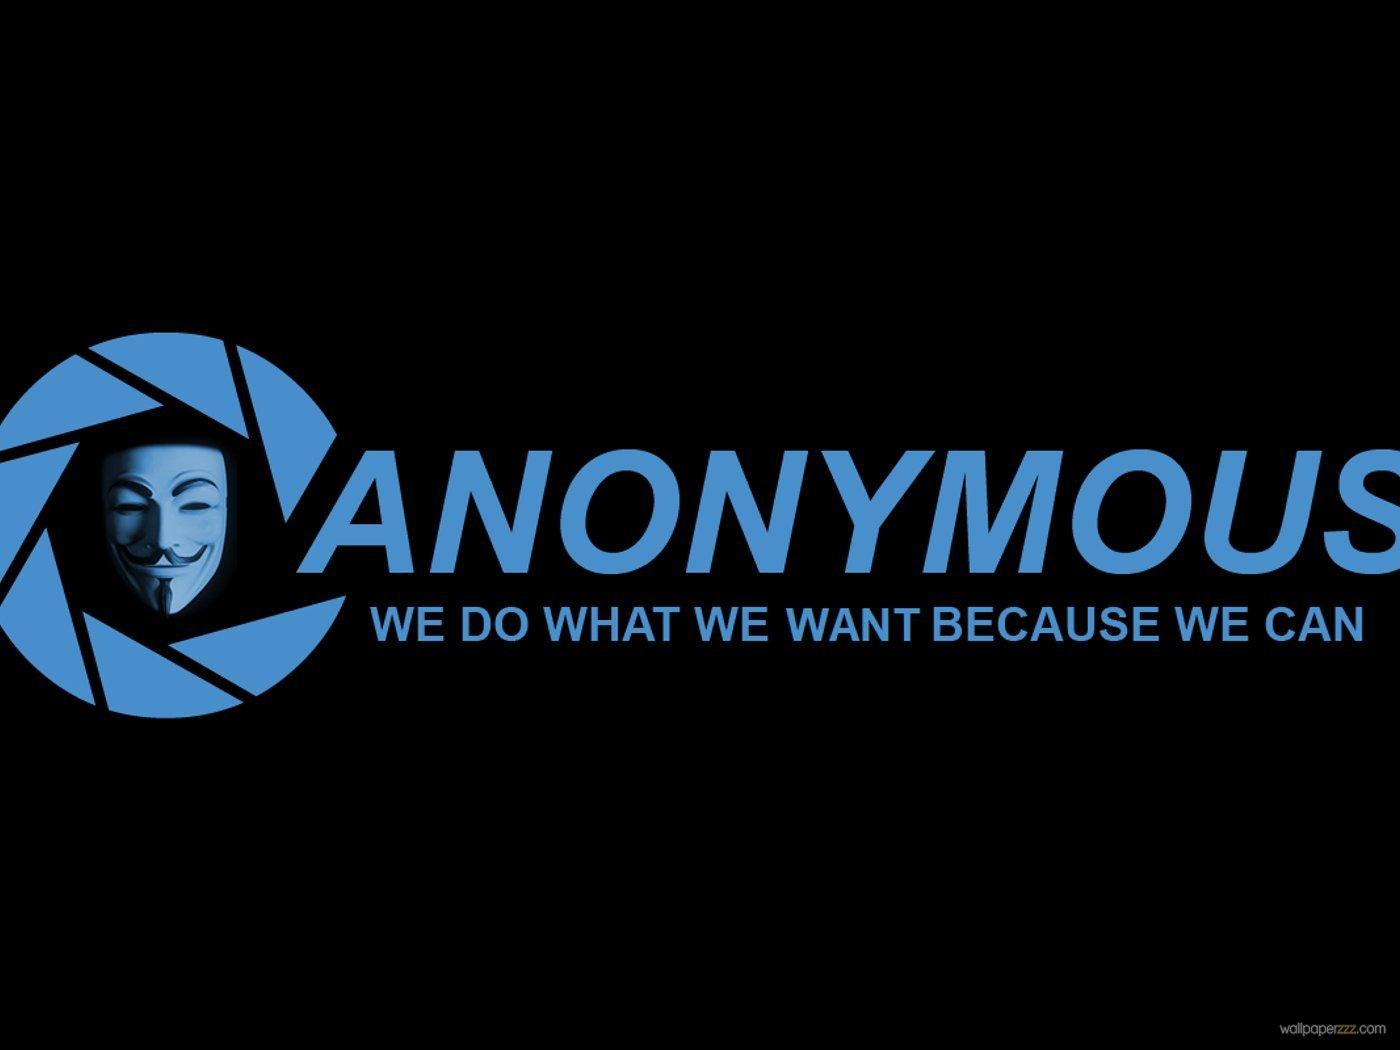 anonymous logo wallpaper wallpapersafari